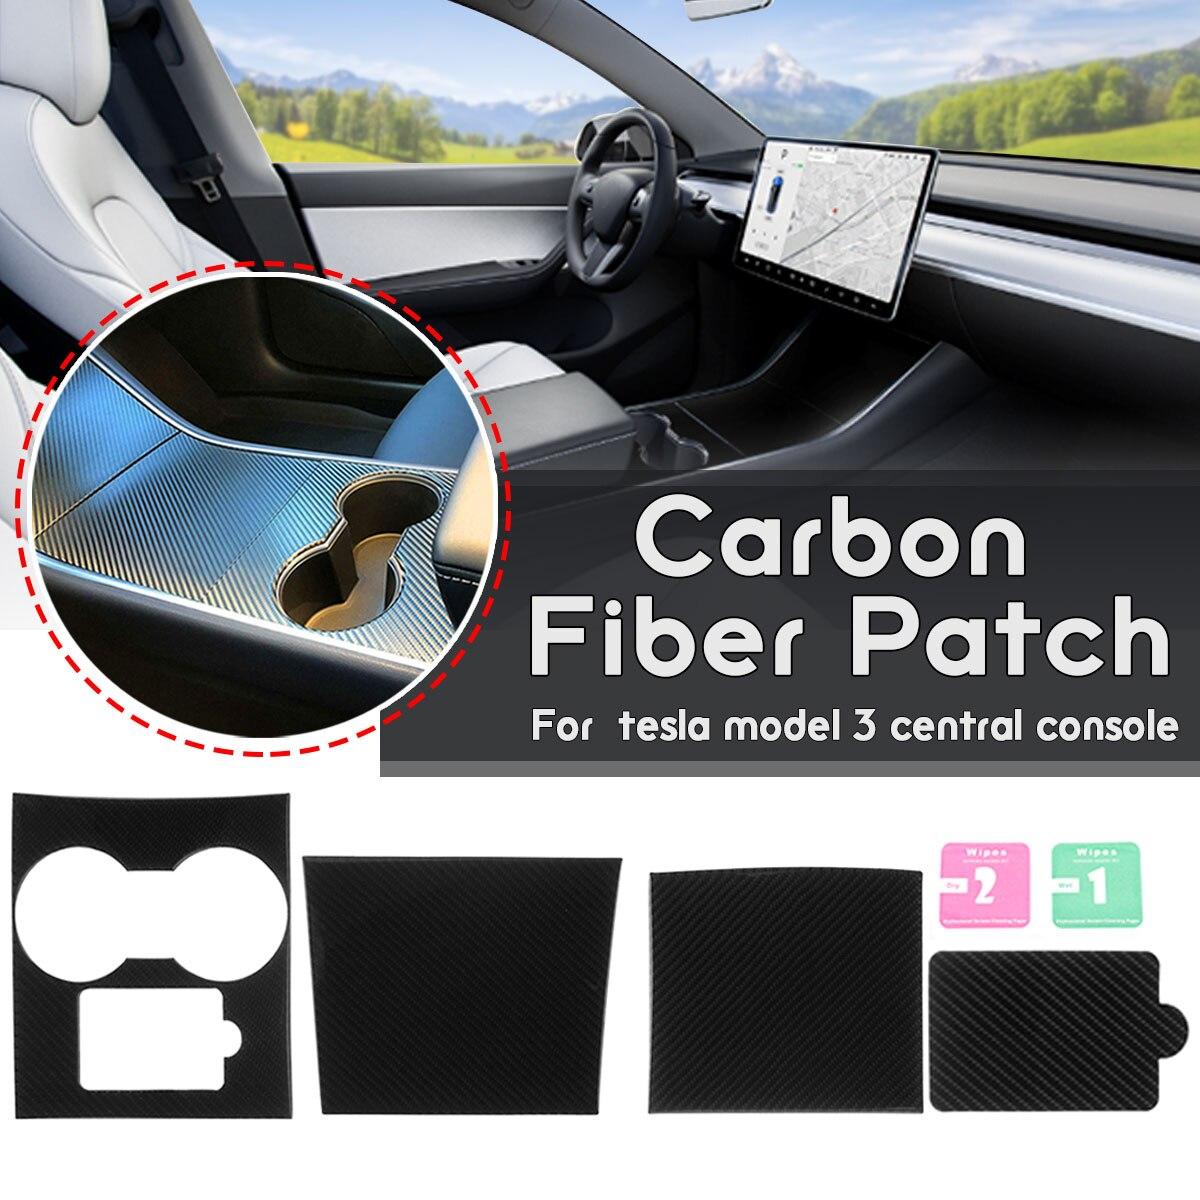 3 pièces/ensemble En Fiber De Carbone Véritable Patch Voiture Auto Style Autocollants Console centrale Kit Papier Pour Tesla Modèle 3 garnitures intérieure de voiture Autocollants